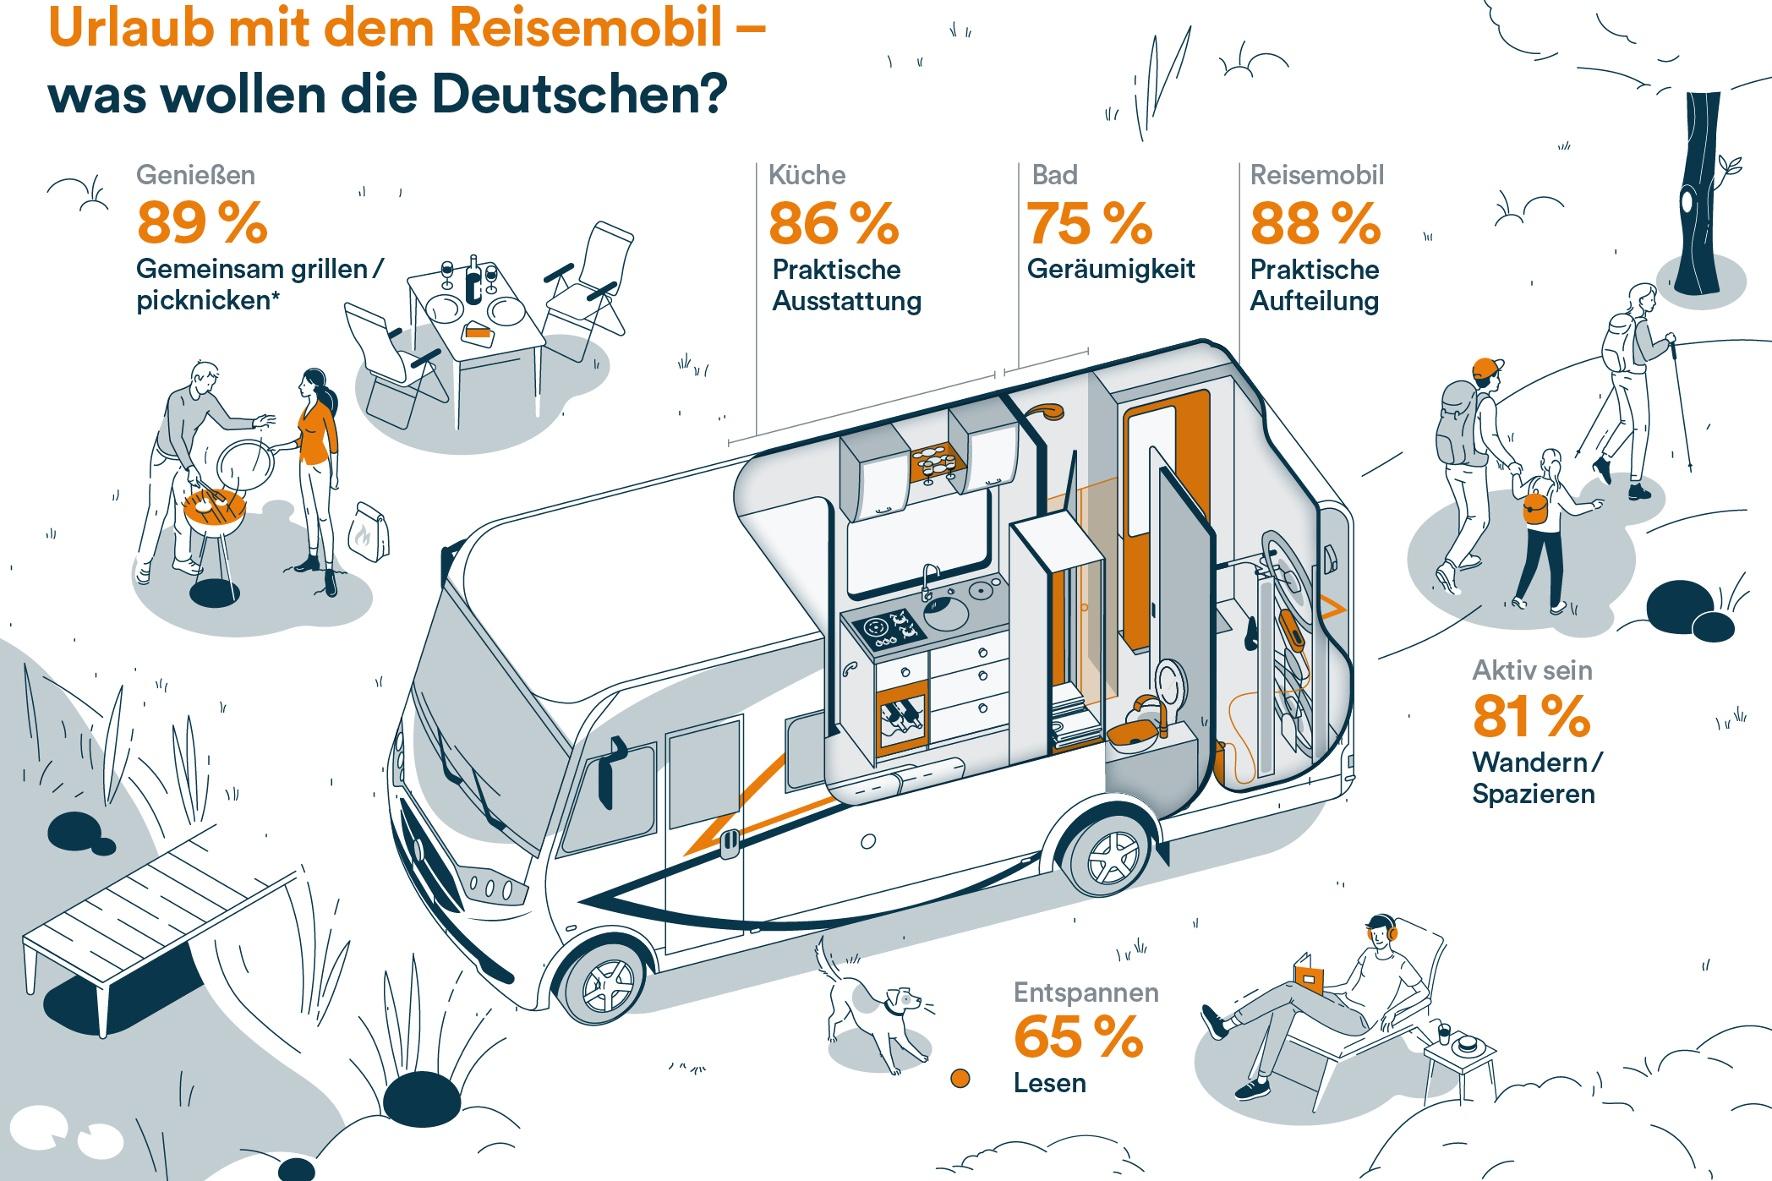 Wie muss ein Freizeitfahrzeug für die Deutschen sein und was genau wünschen sie sich für ihren Reisemobilurlaub? Diese Frage hat Reisemobilhersteller Carado jetzt in einer Studie in Zusammenarbeit mit dem Marktforschungsunternehmen Dynata beantwortet.Foto:© Carado GmbH / TRD mobil